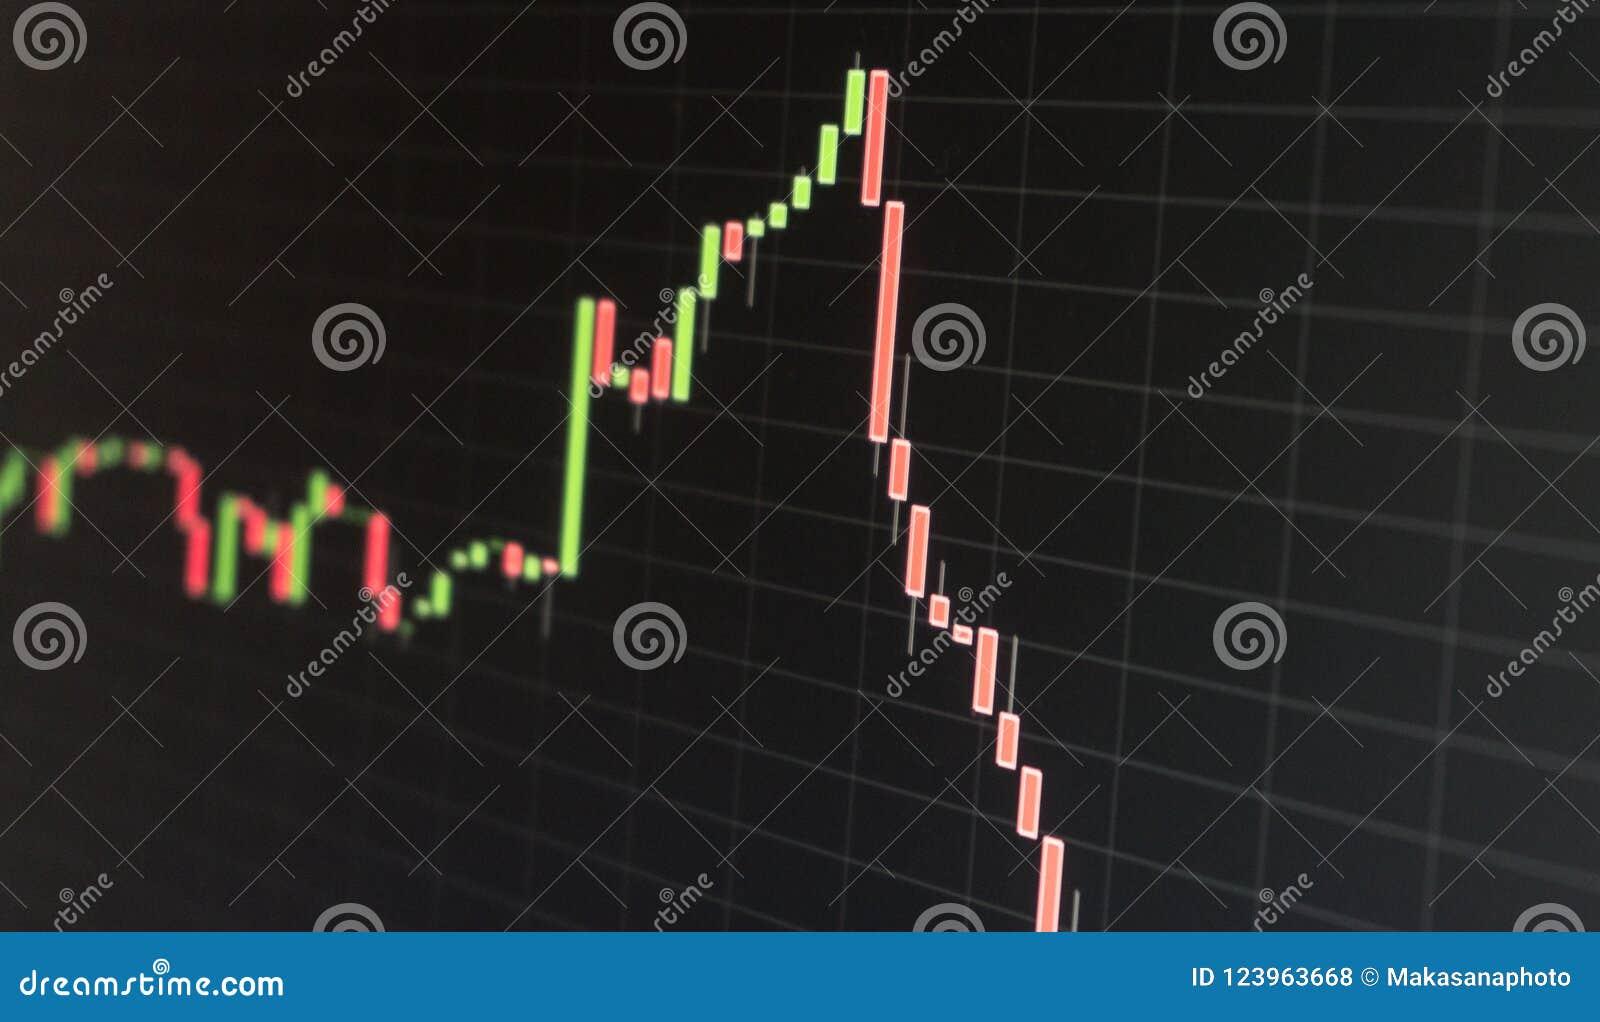 0df4392f55 Grafico Di Prezzo Delle Azioni Che Cade Profondamente E Rapidamente ...